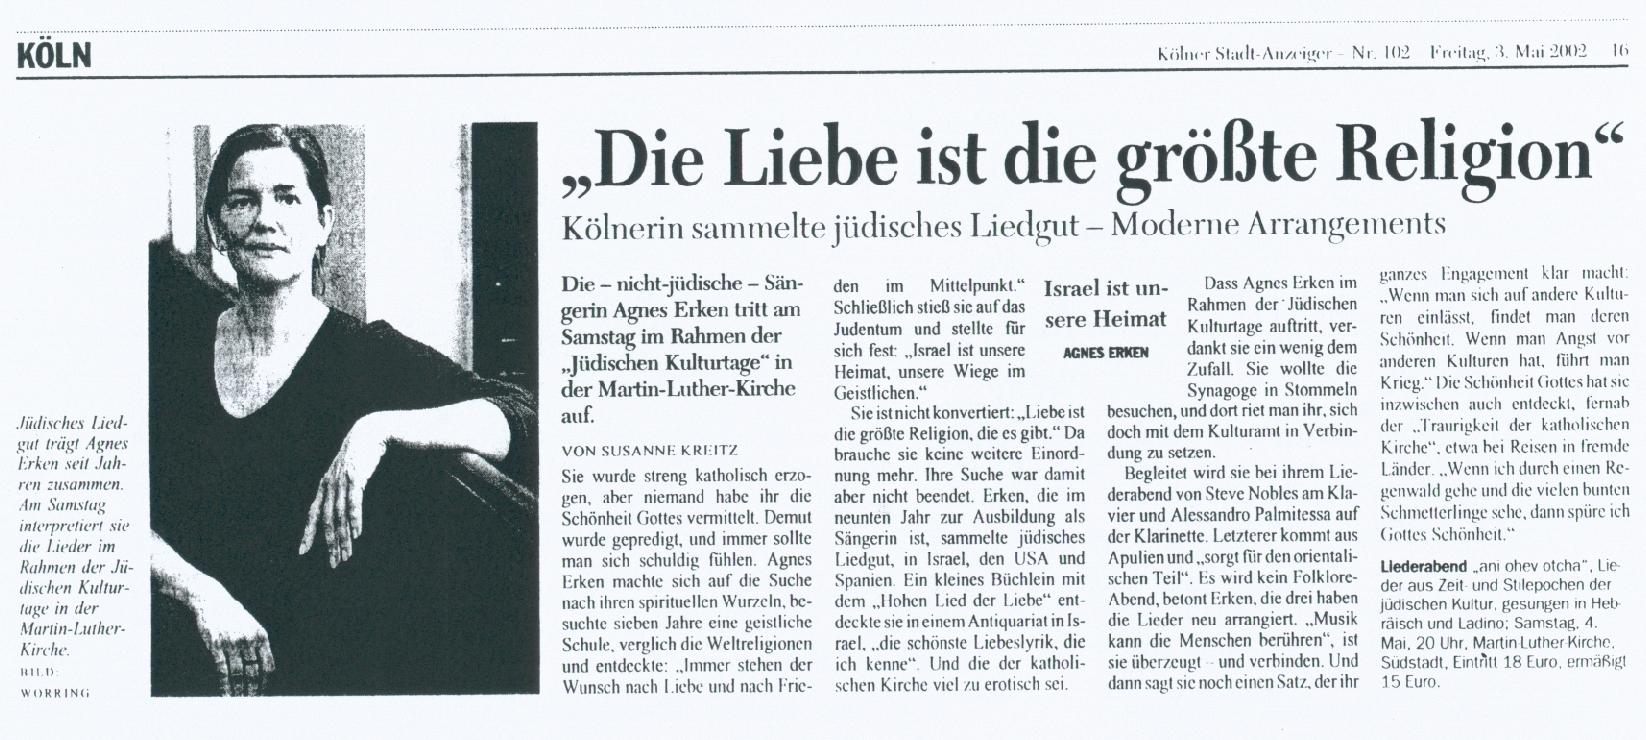 die_Liebe_ist_die_groeste_Religion-Zeitungsartikel